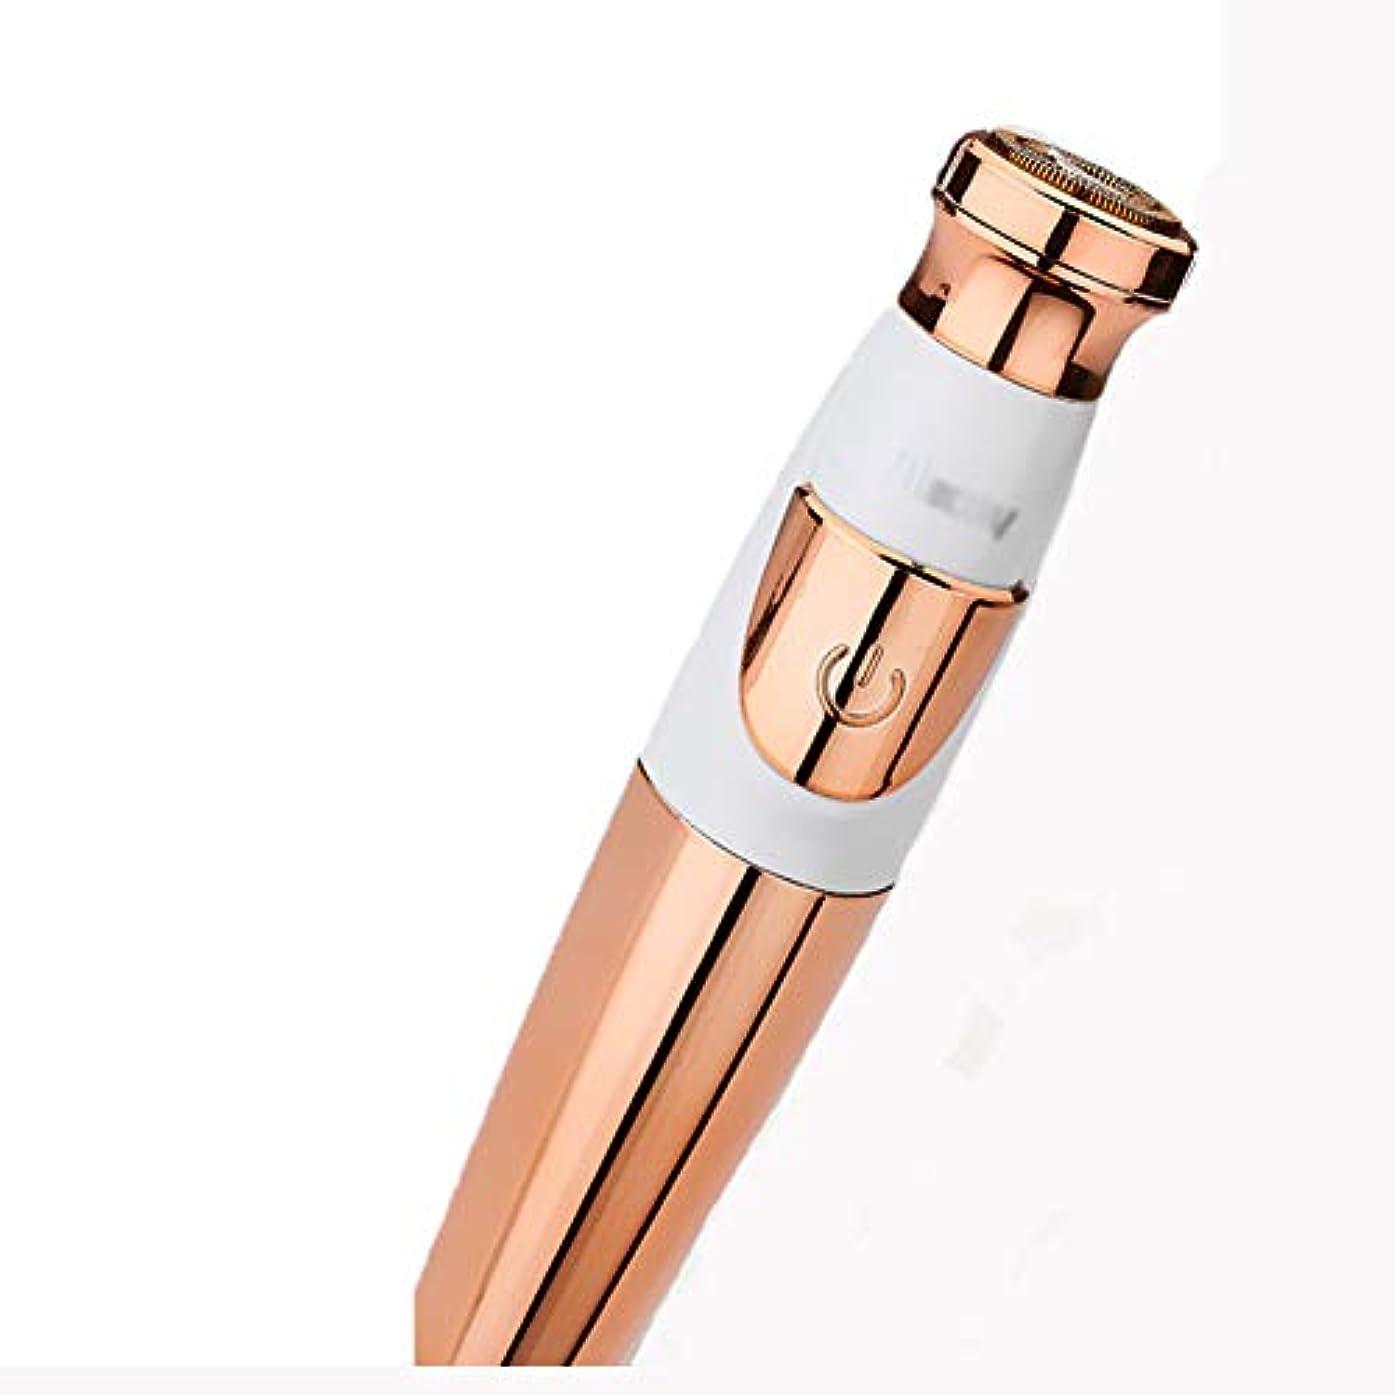 ステップ突き出す柔らかい充電式防水電気シェーバーインスタントヘアトリマーリムーバー、電気脱毛、コードレス、ウェット&ドライ。